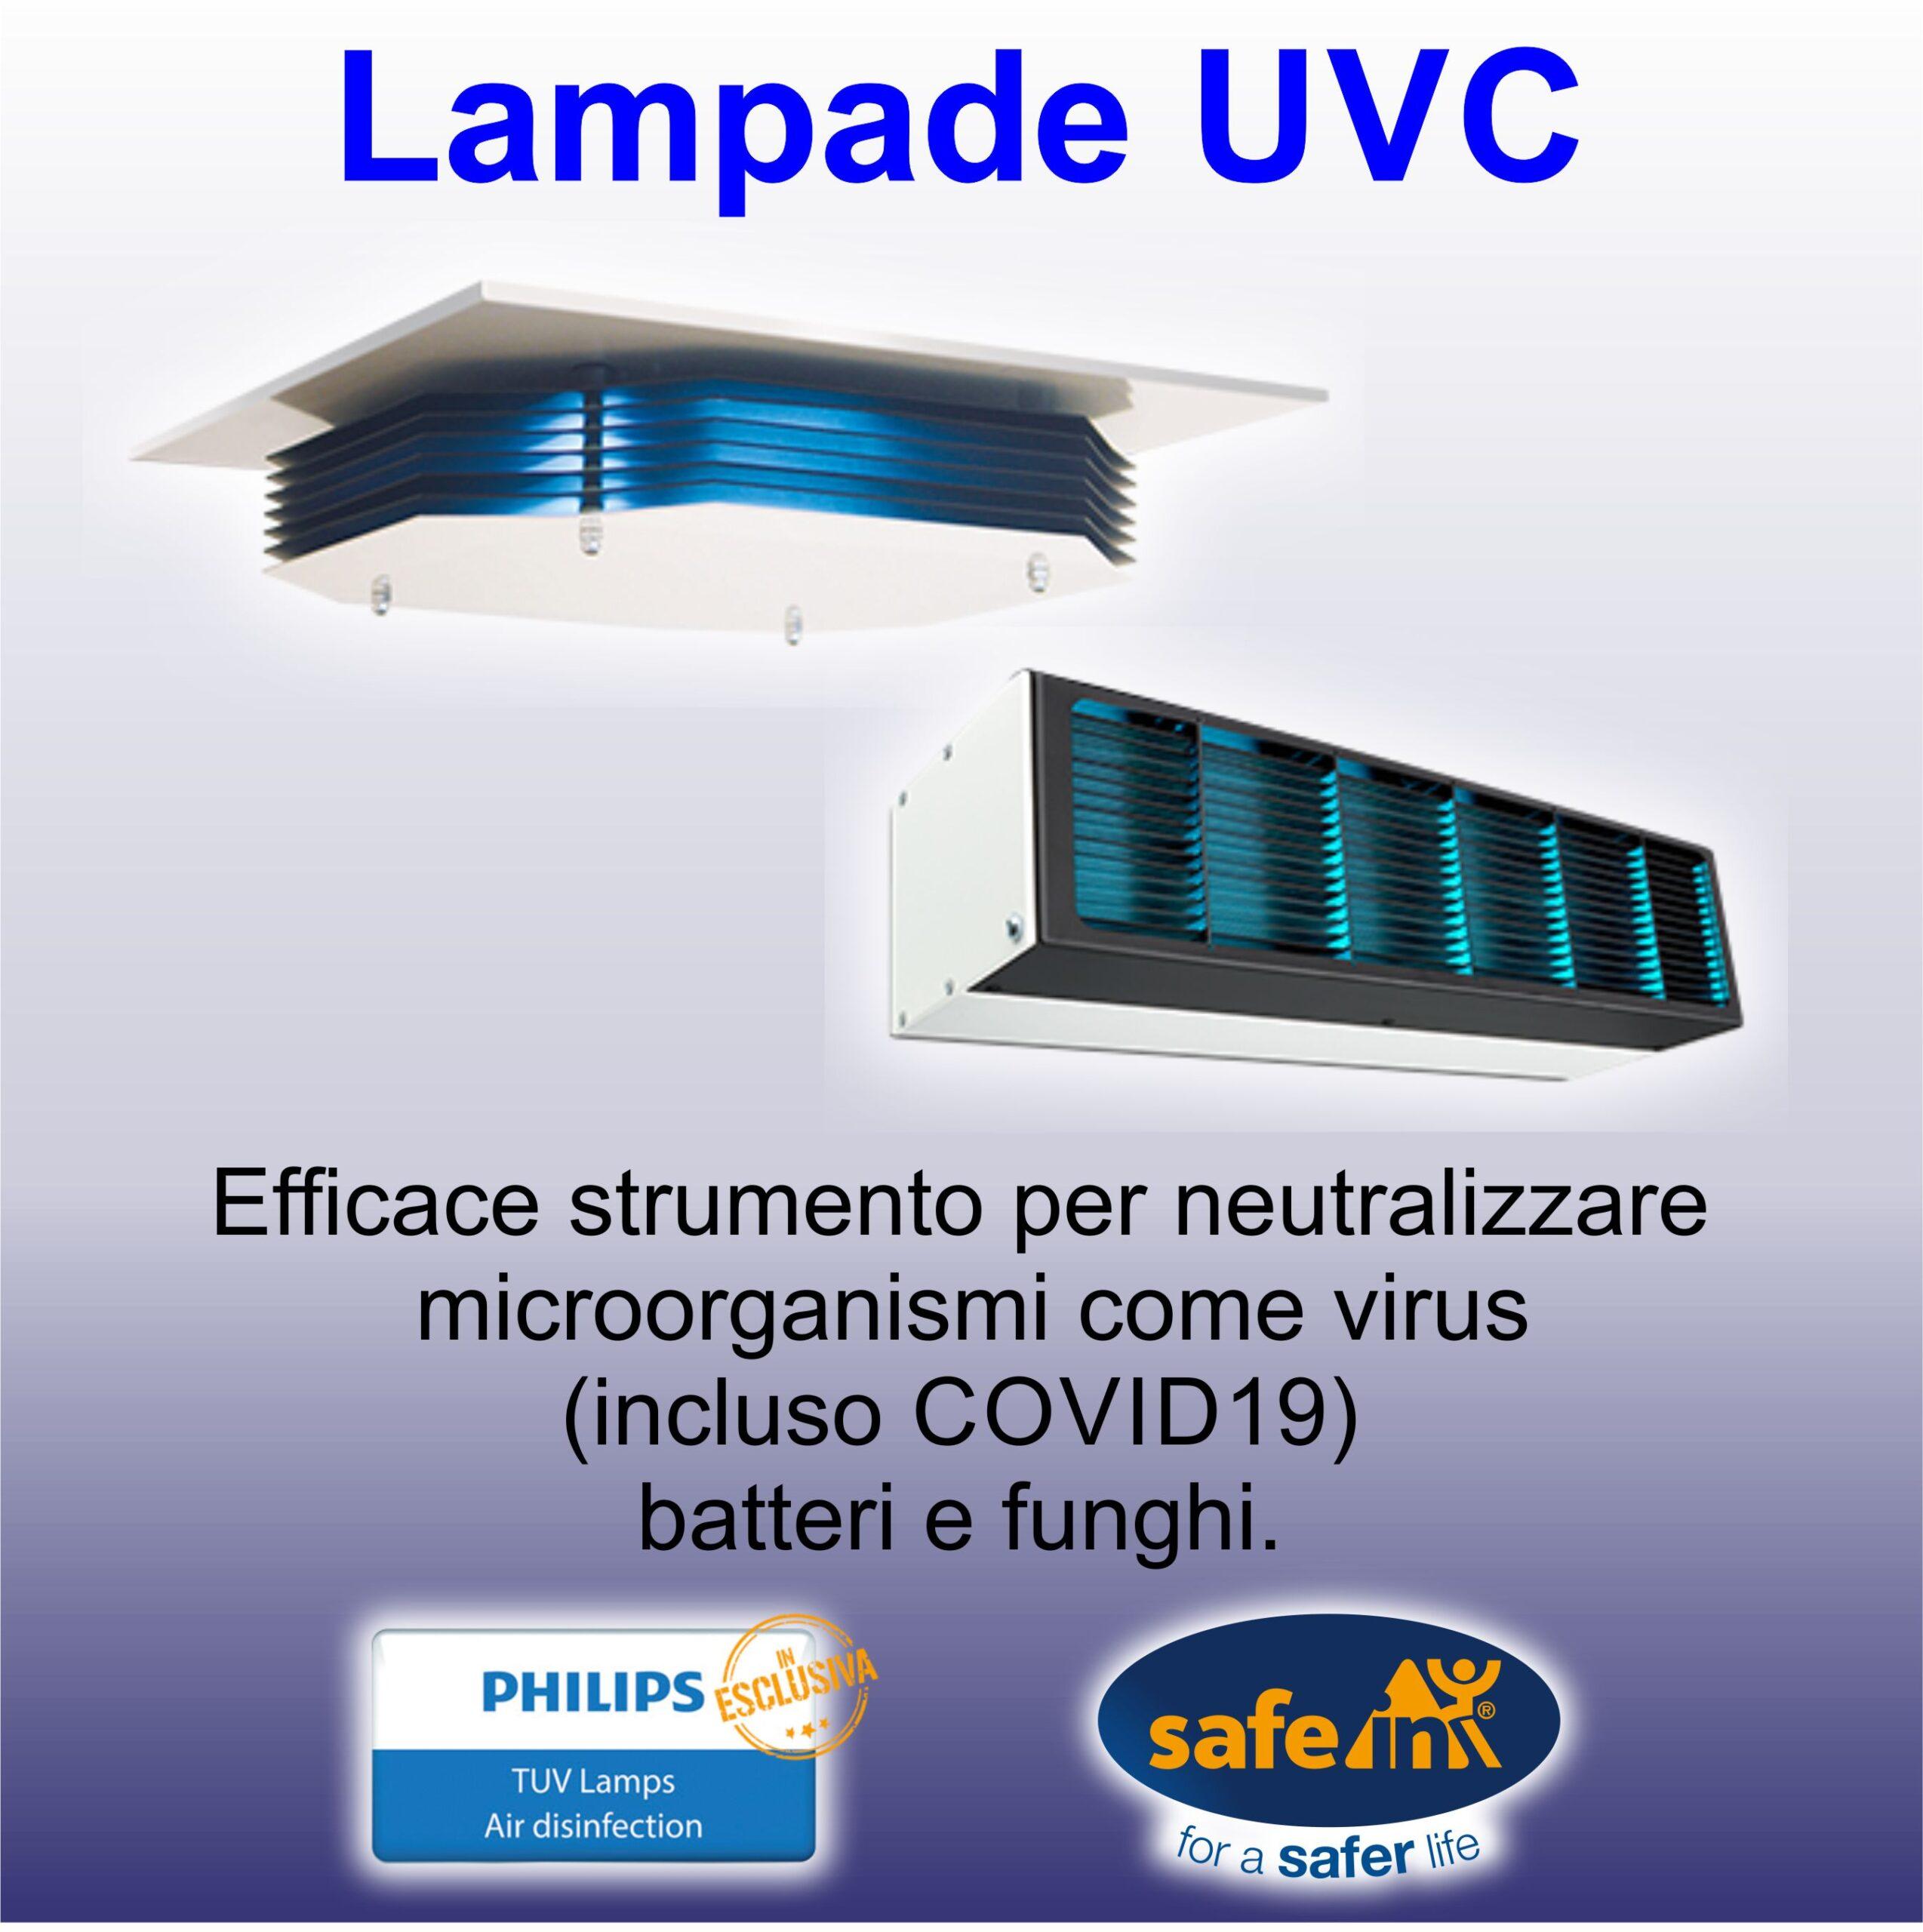 LAmpada UVC UV-C disinfettante virus batteri covid19 asti piemonte Philips